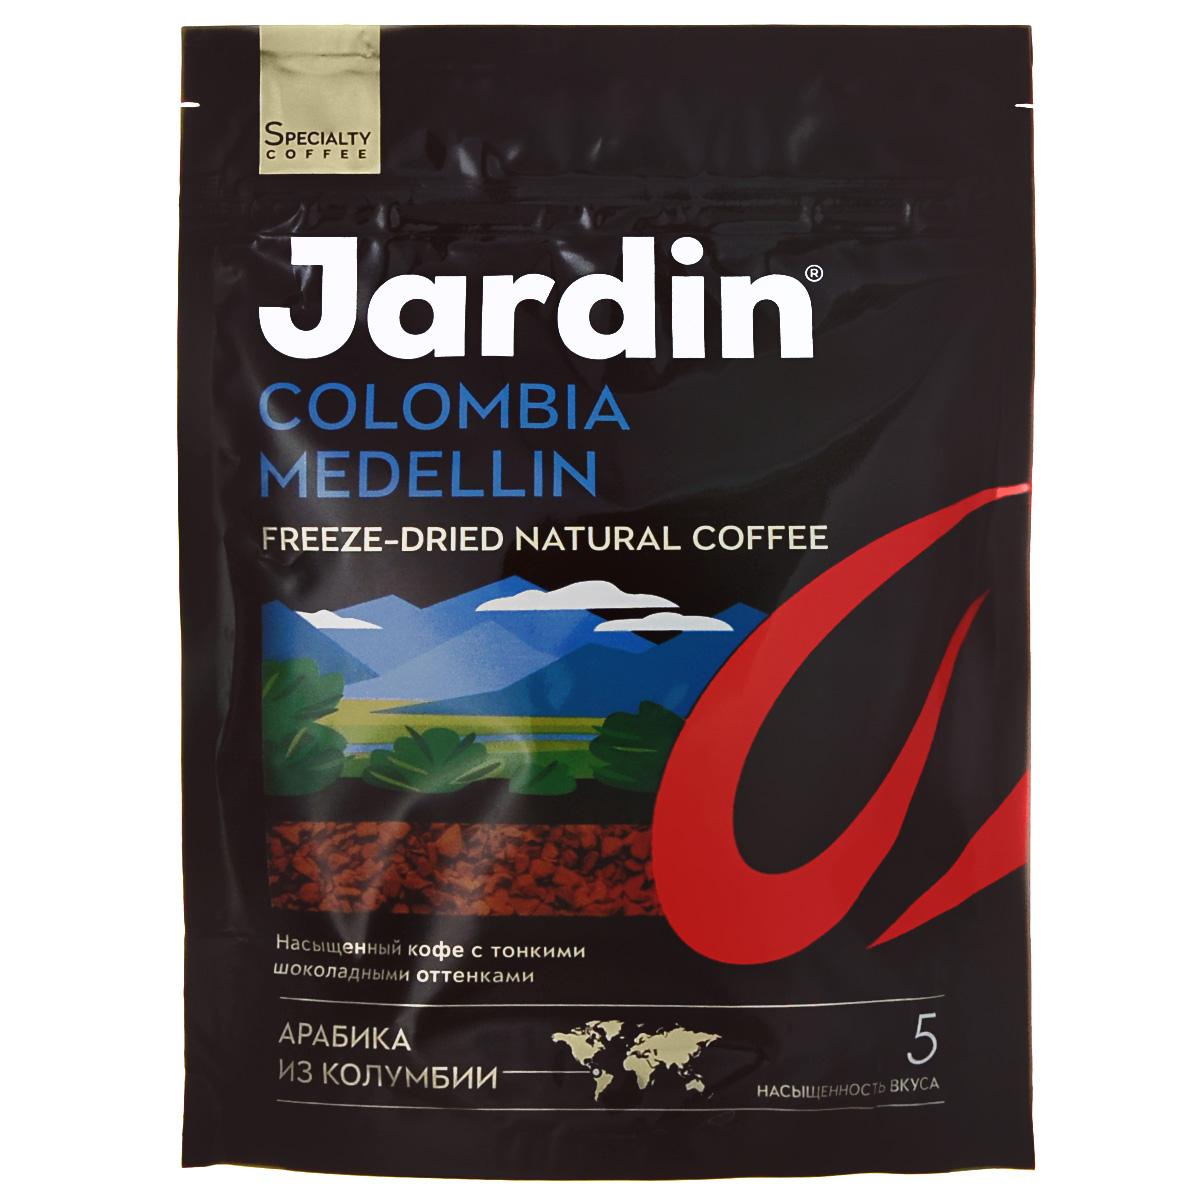 Jardin Colombia Medellin кофе растворимый, 280 г (м/у)0916-08Растворимый кофе Jardin Colombia Medellin обладает крепким, насыщенным, интенсивным ароматом. Вкус арабики из колумбийского региона Меделлин особо ценится за сочетание цветочных и шоколадных нот. А всего одна ложка сахара добавит вкусу новые карамельные ноты крем-брюле.